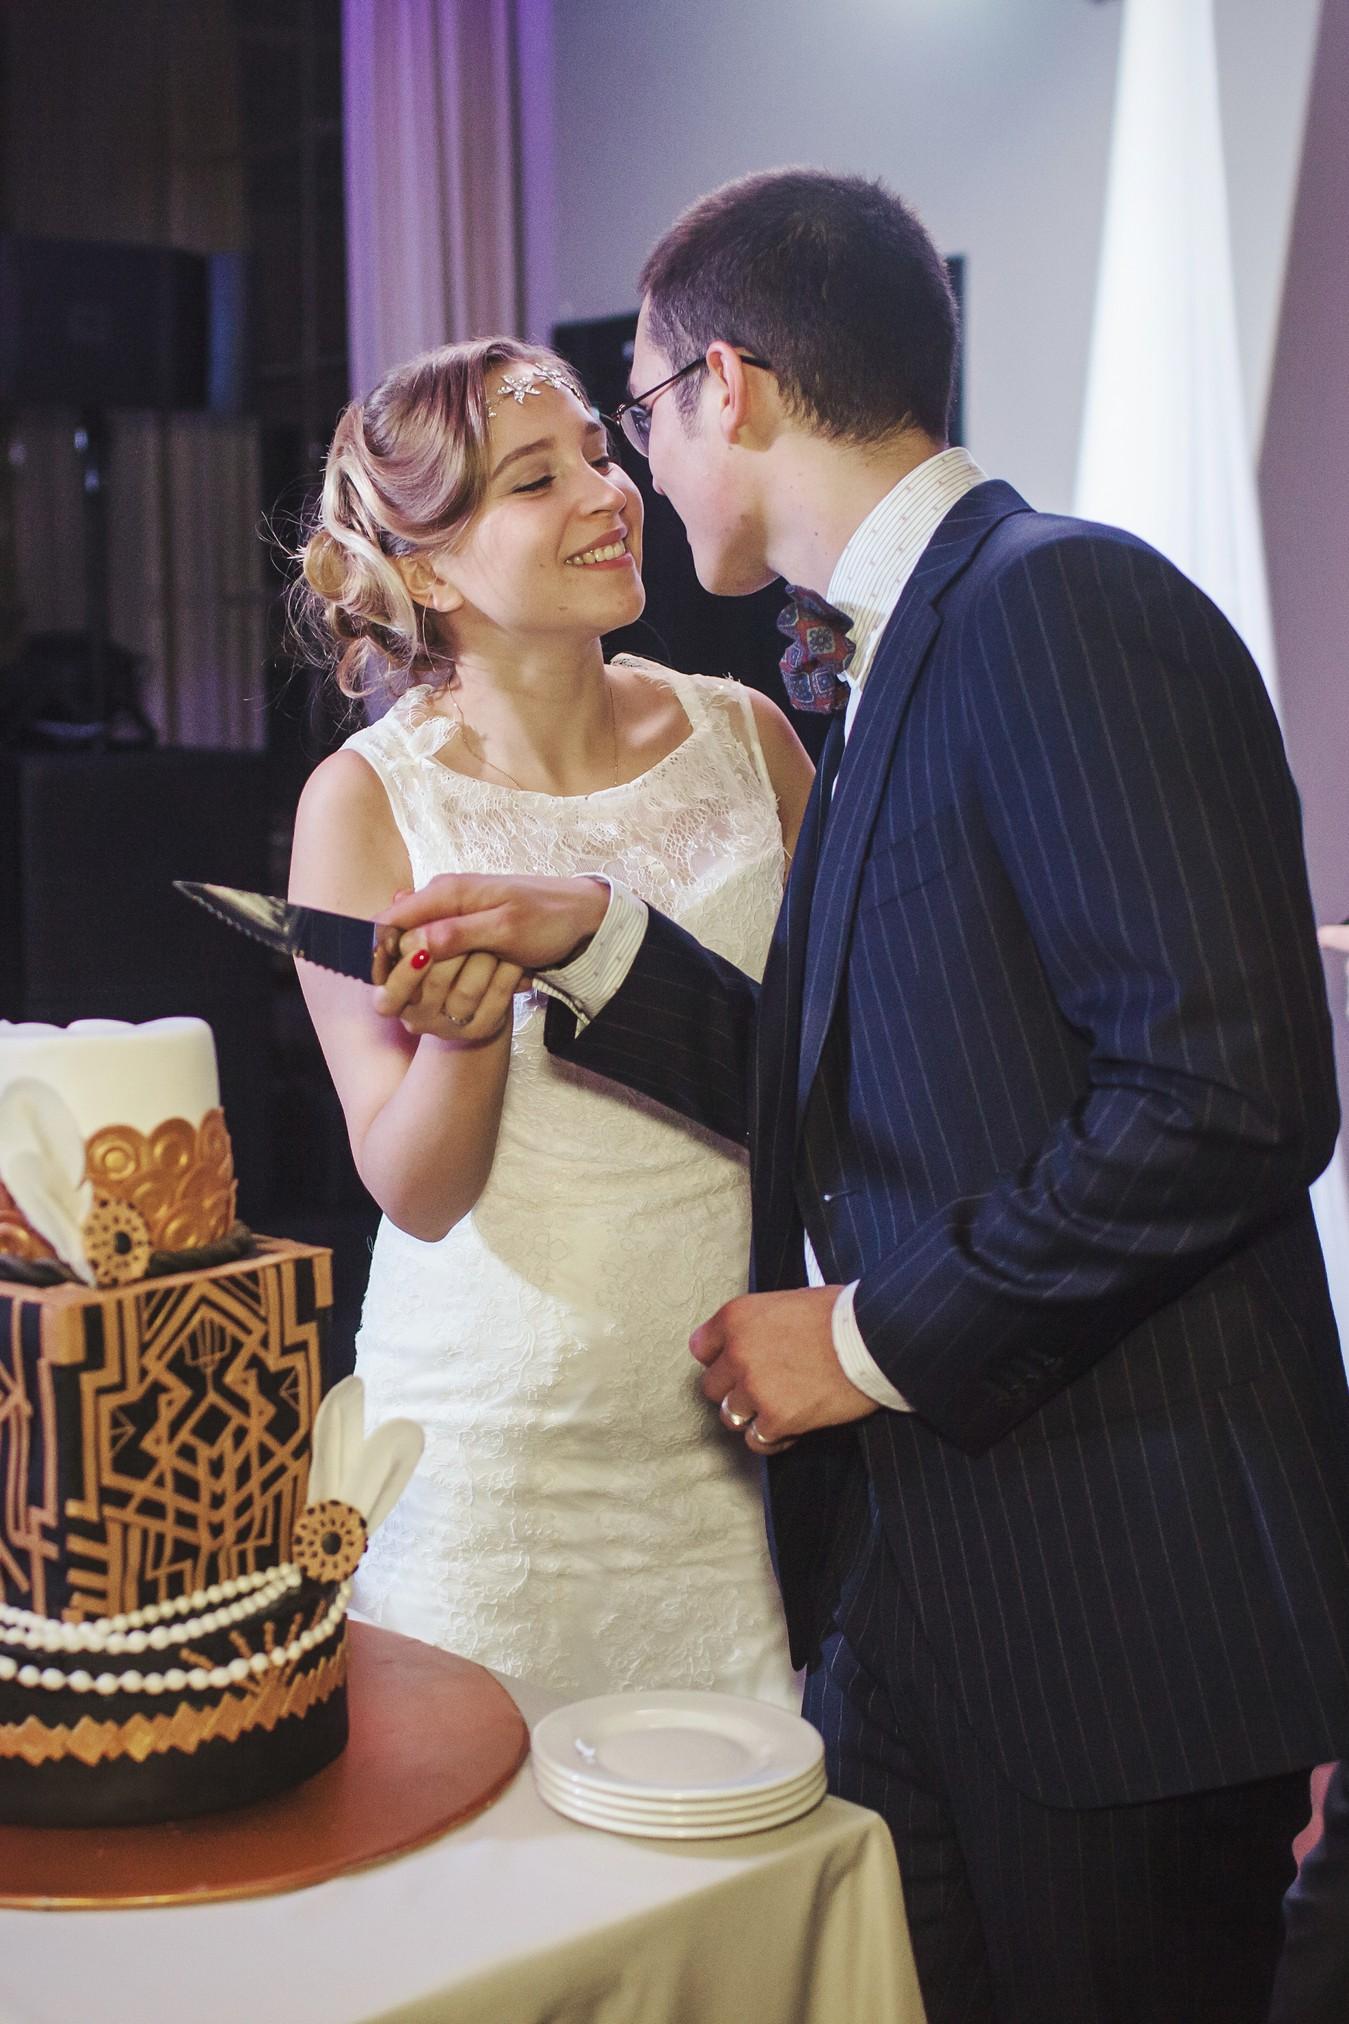 Свадебная фотосъемка от сборов до торта, это не просто фотографии всего свадебного дня, это свадебный подарок, воспоминания, память на всю жизнь.